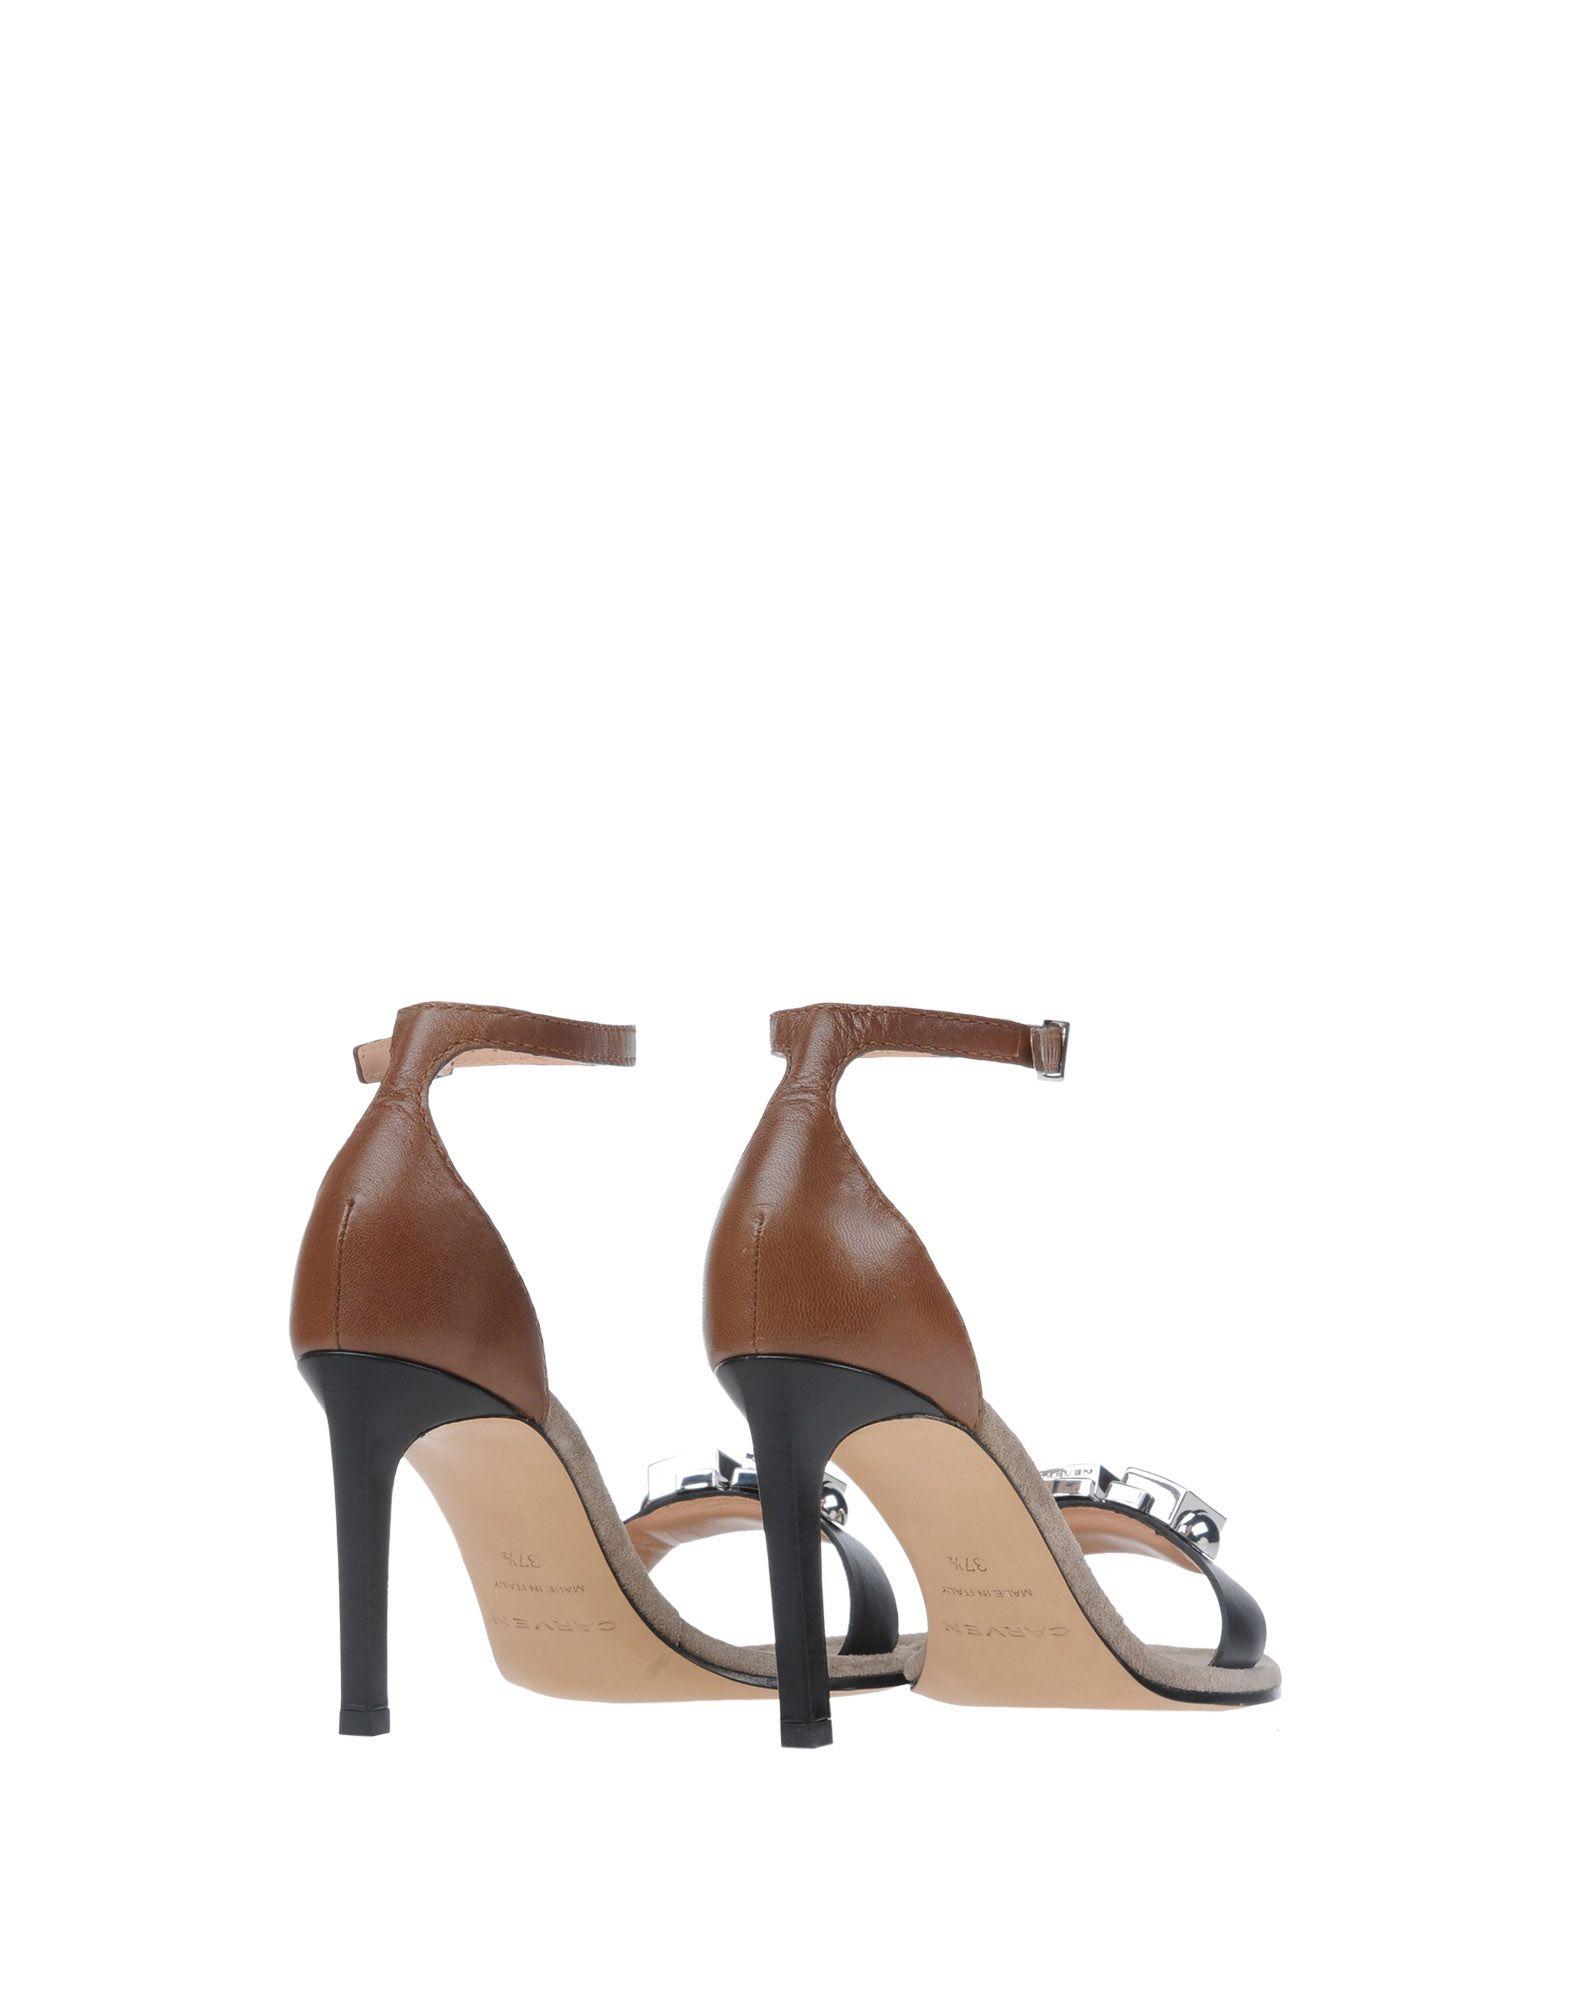 Sandales Carven Femme - Sandales Carven sur